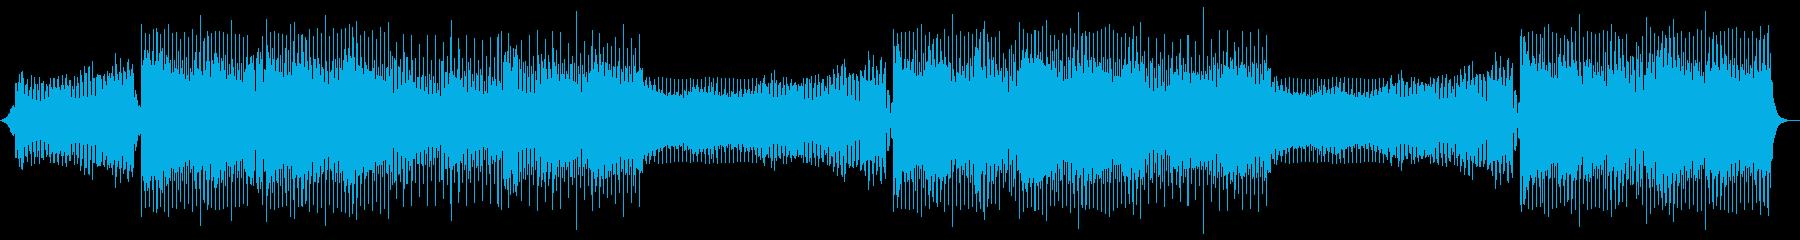 バイオリンとシンセメロなしの再生済みの波形